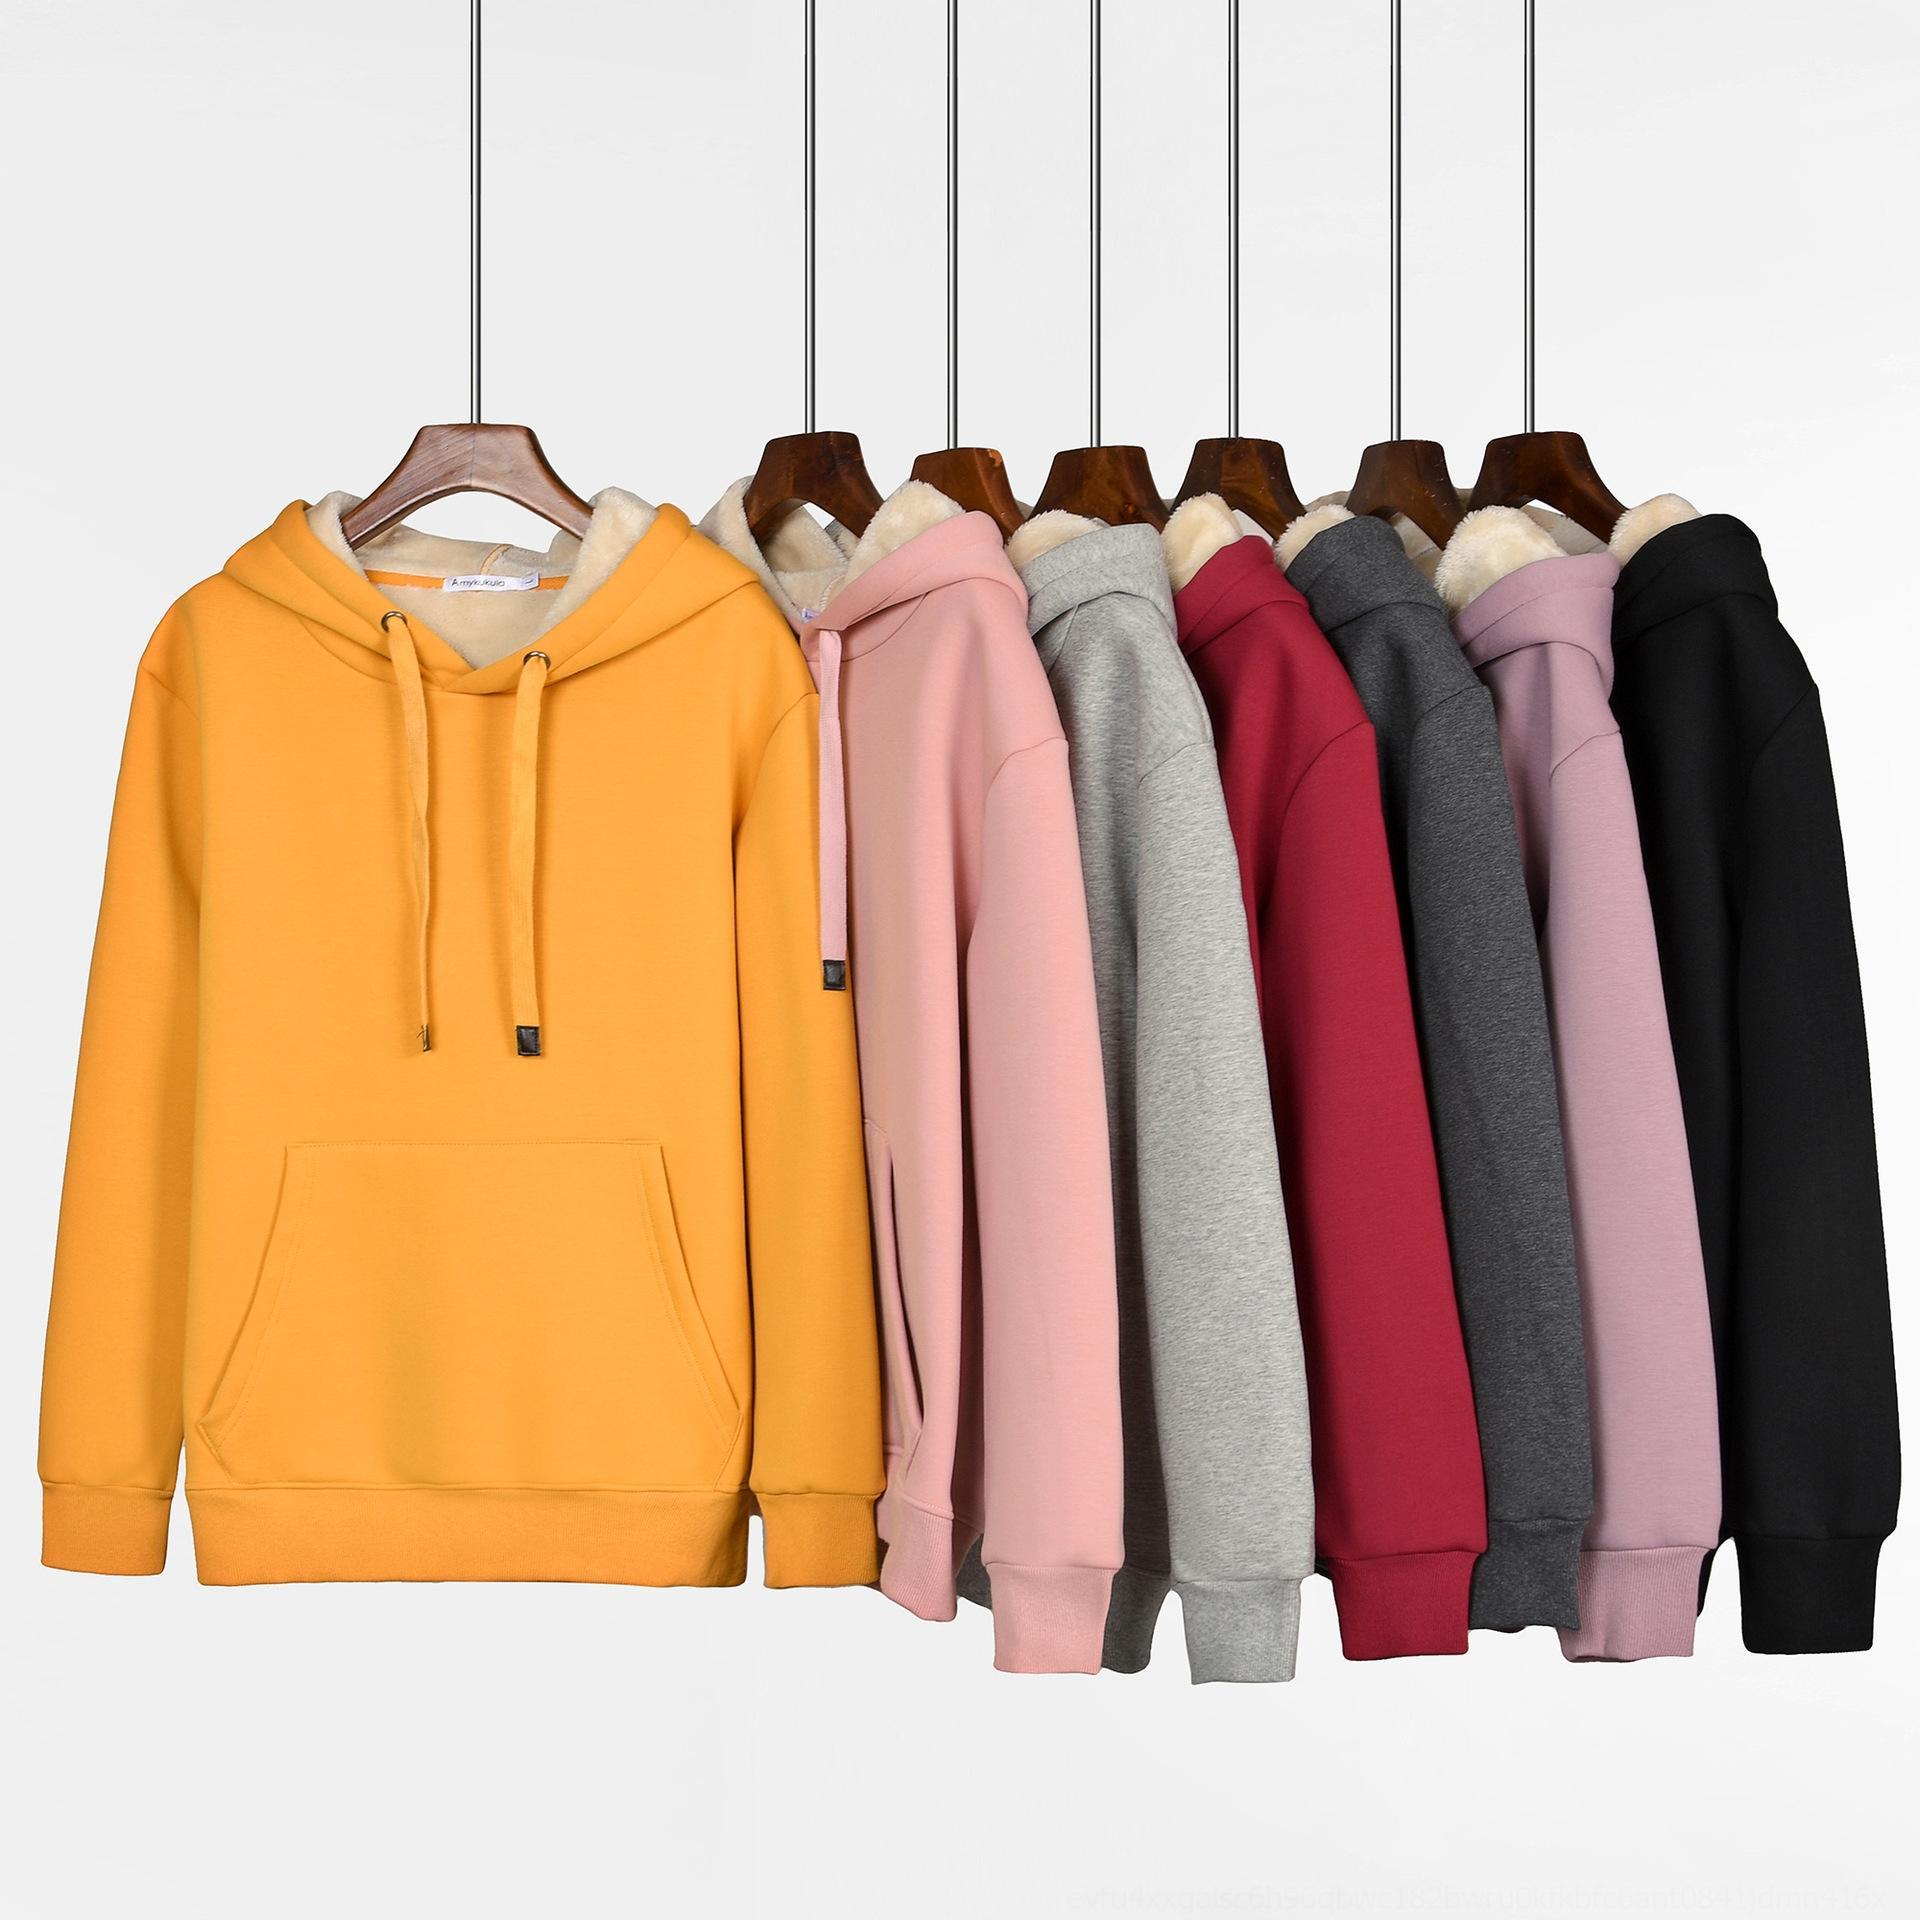 9XE8 Mensportswear Толстовки для рукава длинные топы Мужские спортивные куртки для спортзала футболки спортивные толстовки тренировки осень